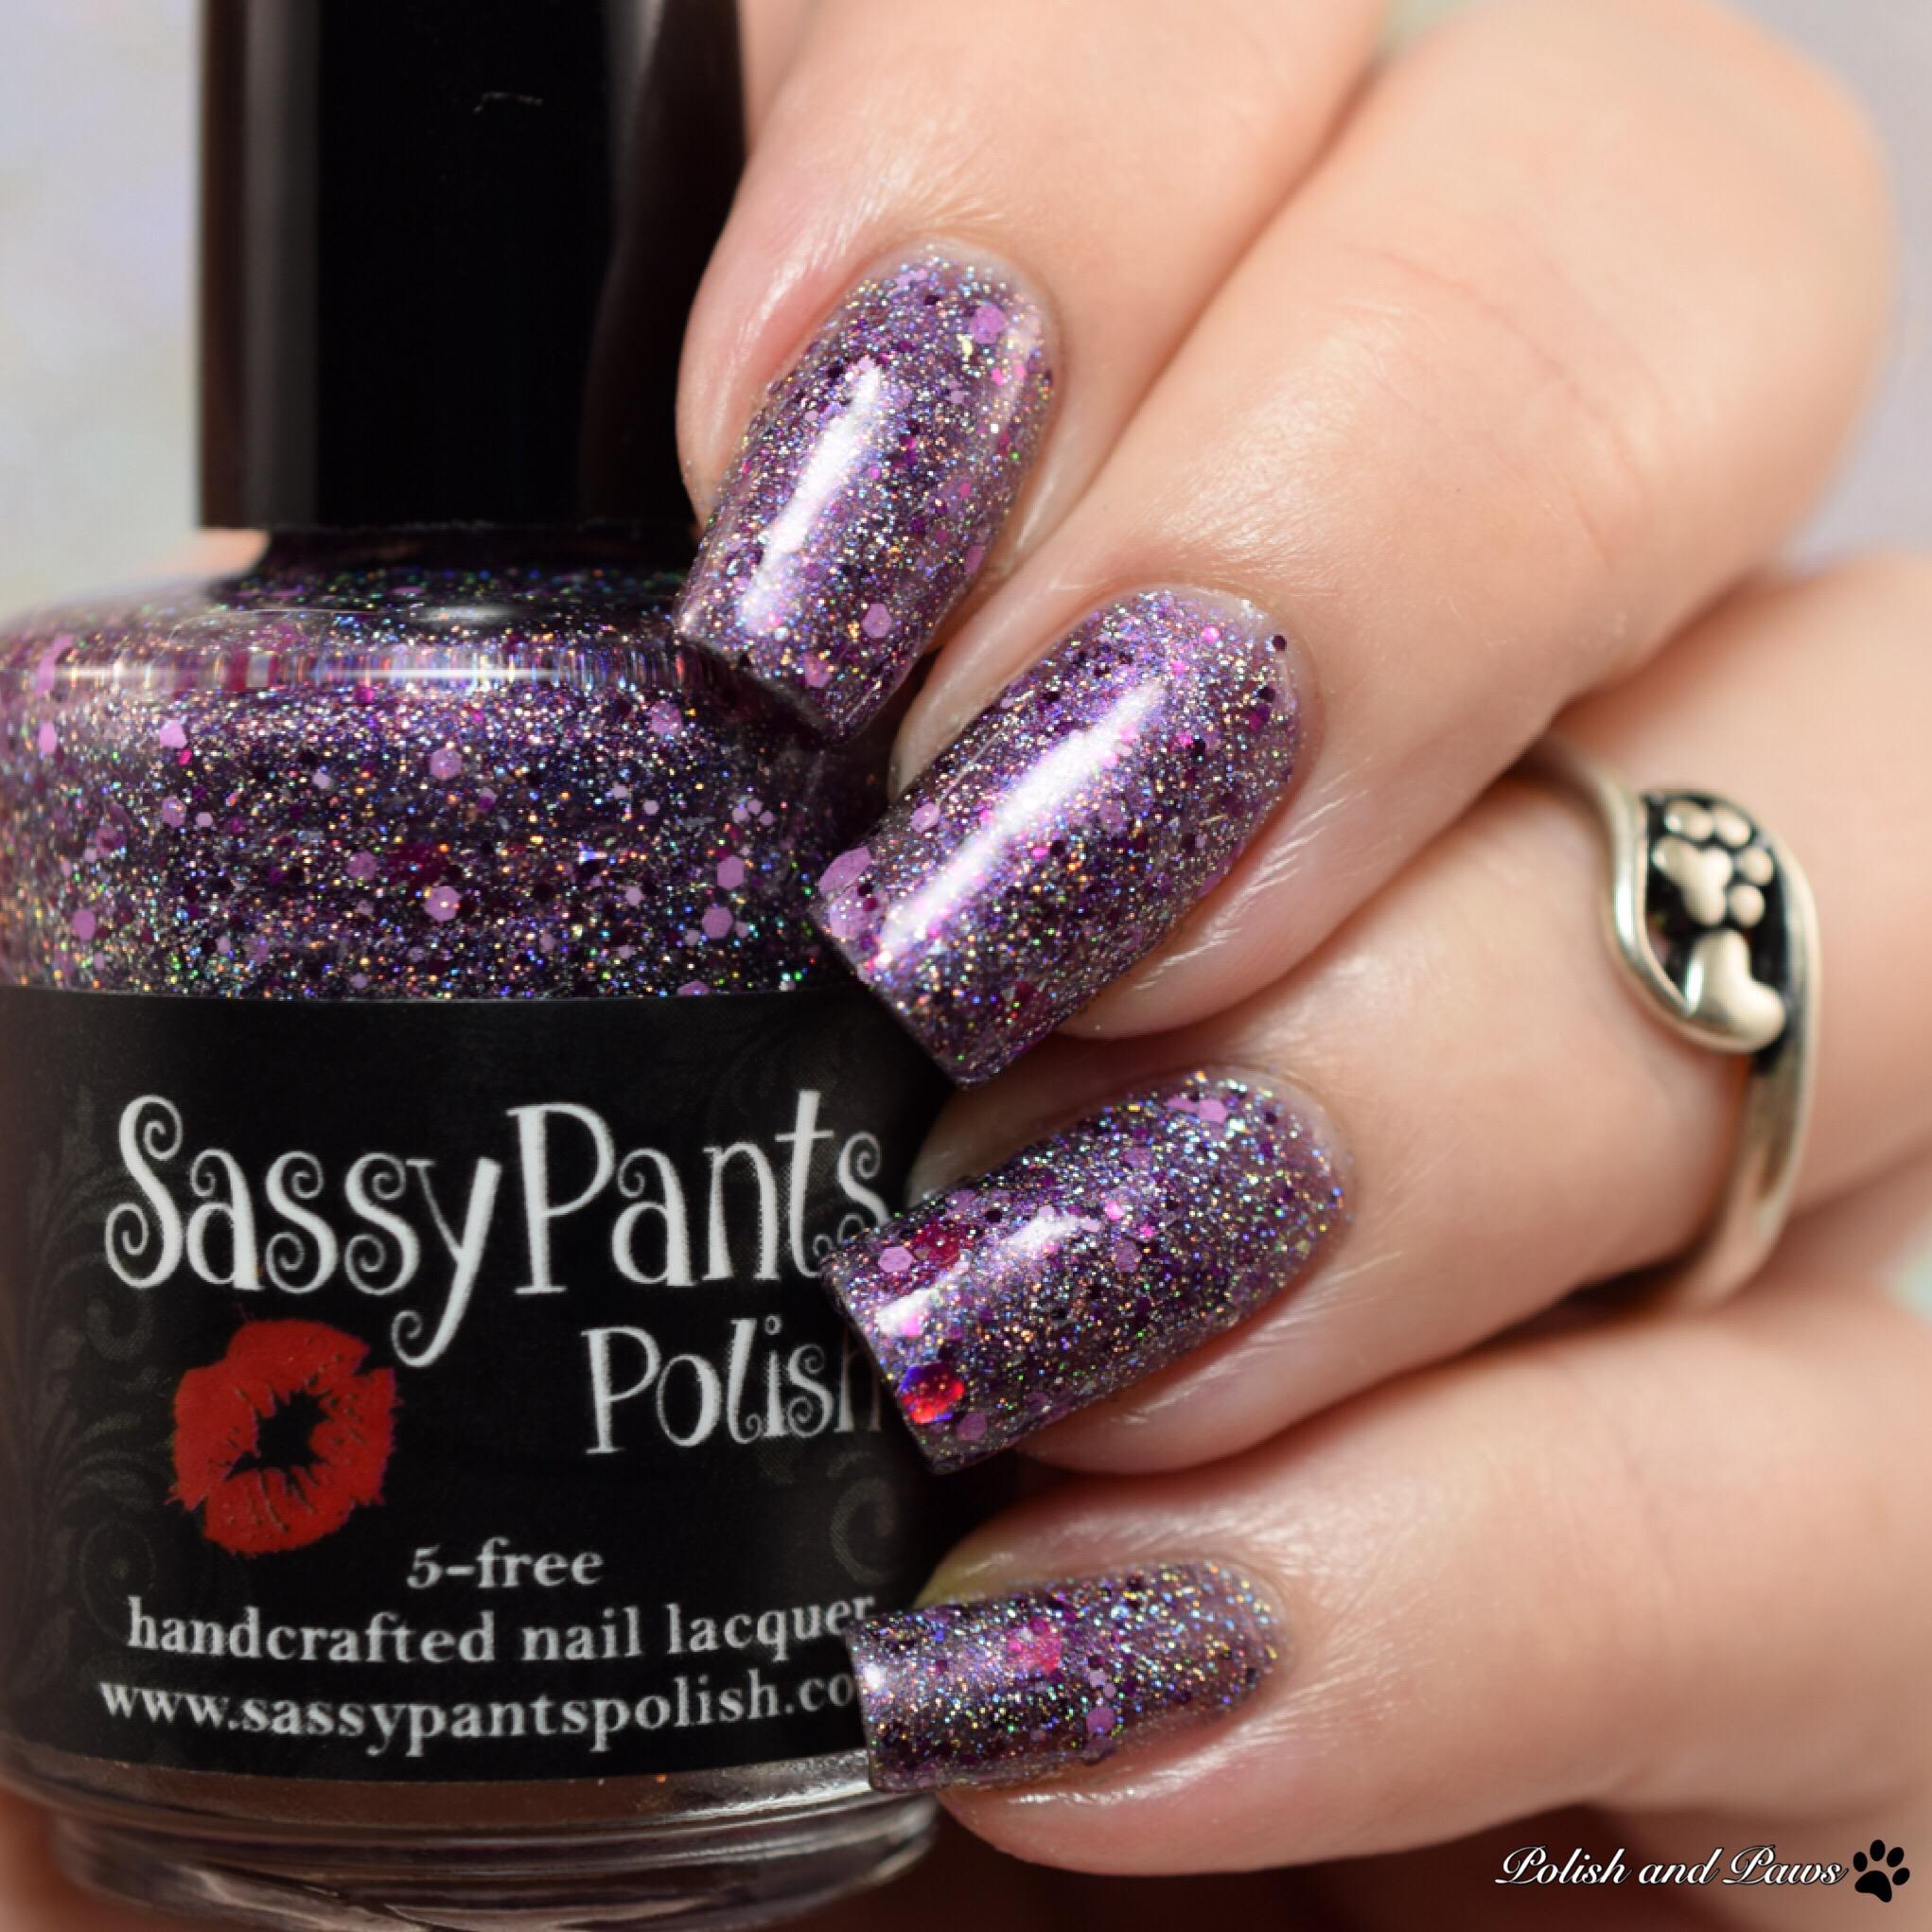 Sassy Pants Polish Visions of Sugar Plums